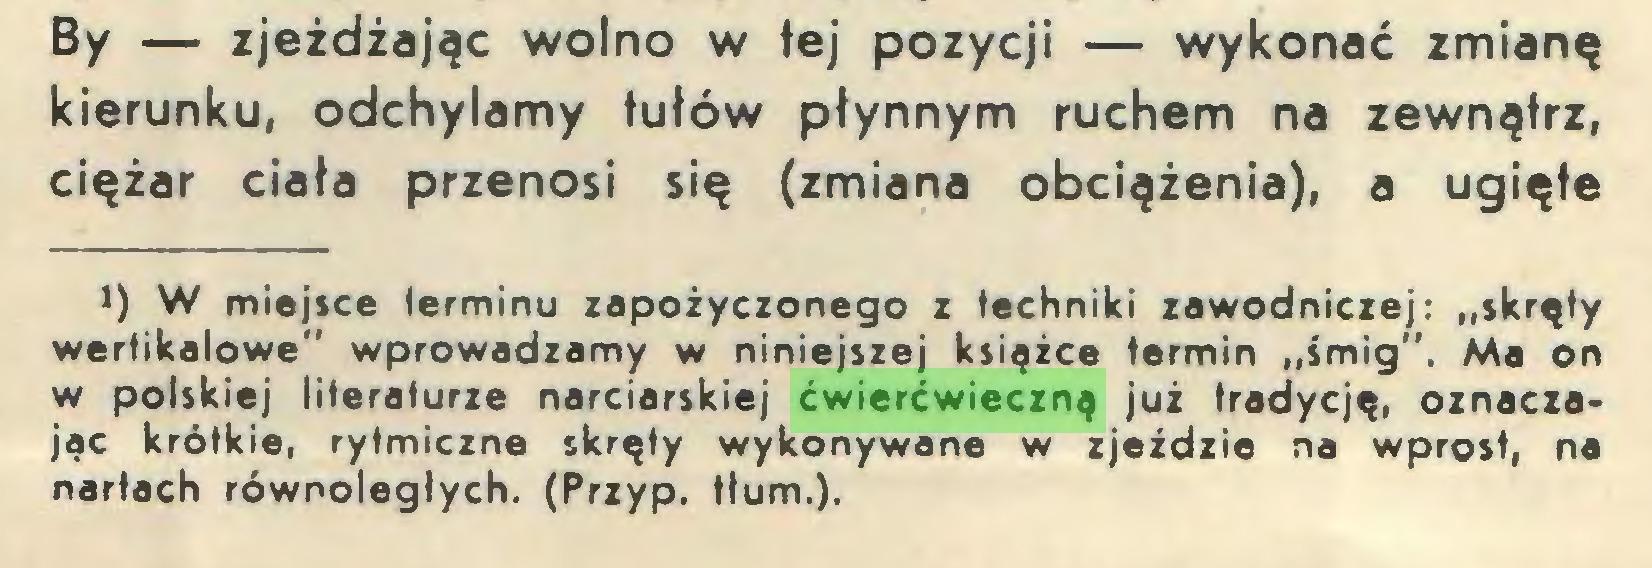 """(...) By — zjeżdżając wolno w tej pozycji — wykonać zmianę kierunku, odchylamy tułów płynnym ruchem na zewnątrz, ciężar ciała przenosi się (zmiana obciążenia), a ugięte J) W miejsce ierminu zapożyczonego z techniki zawodniczej: """"skręty wertikalowe"""" wprowadzamy w niniejszej książce termin """"śmig"""". Ma on w polskiej literaturze narciarskiej ćwierćwieczną już tradycję, oznaczając krótkie, rytmiczne skręty wykonywane w zjeździe na wprost, na nartach równoległych. (Przyp. tłum.)..."""